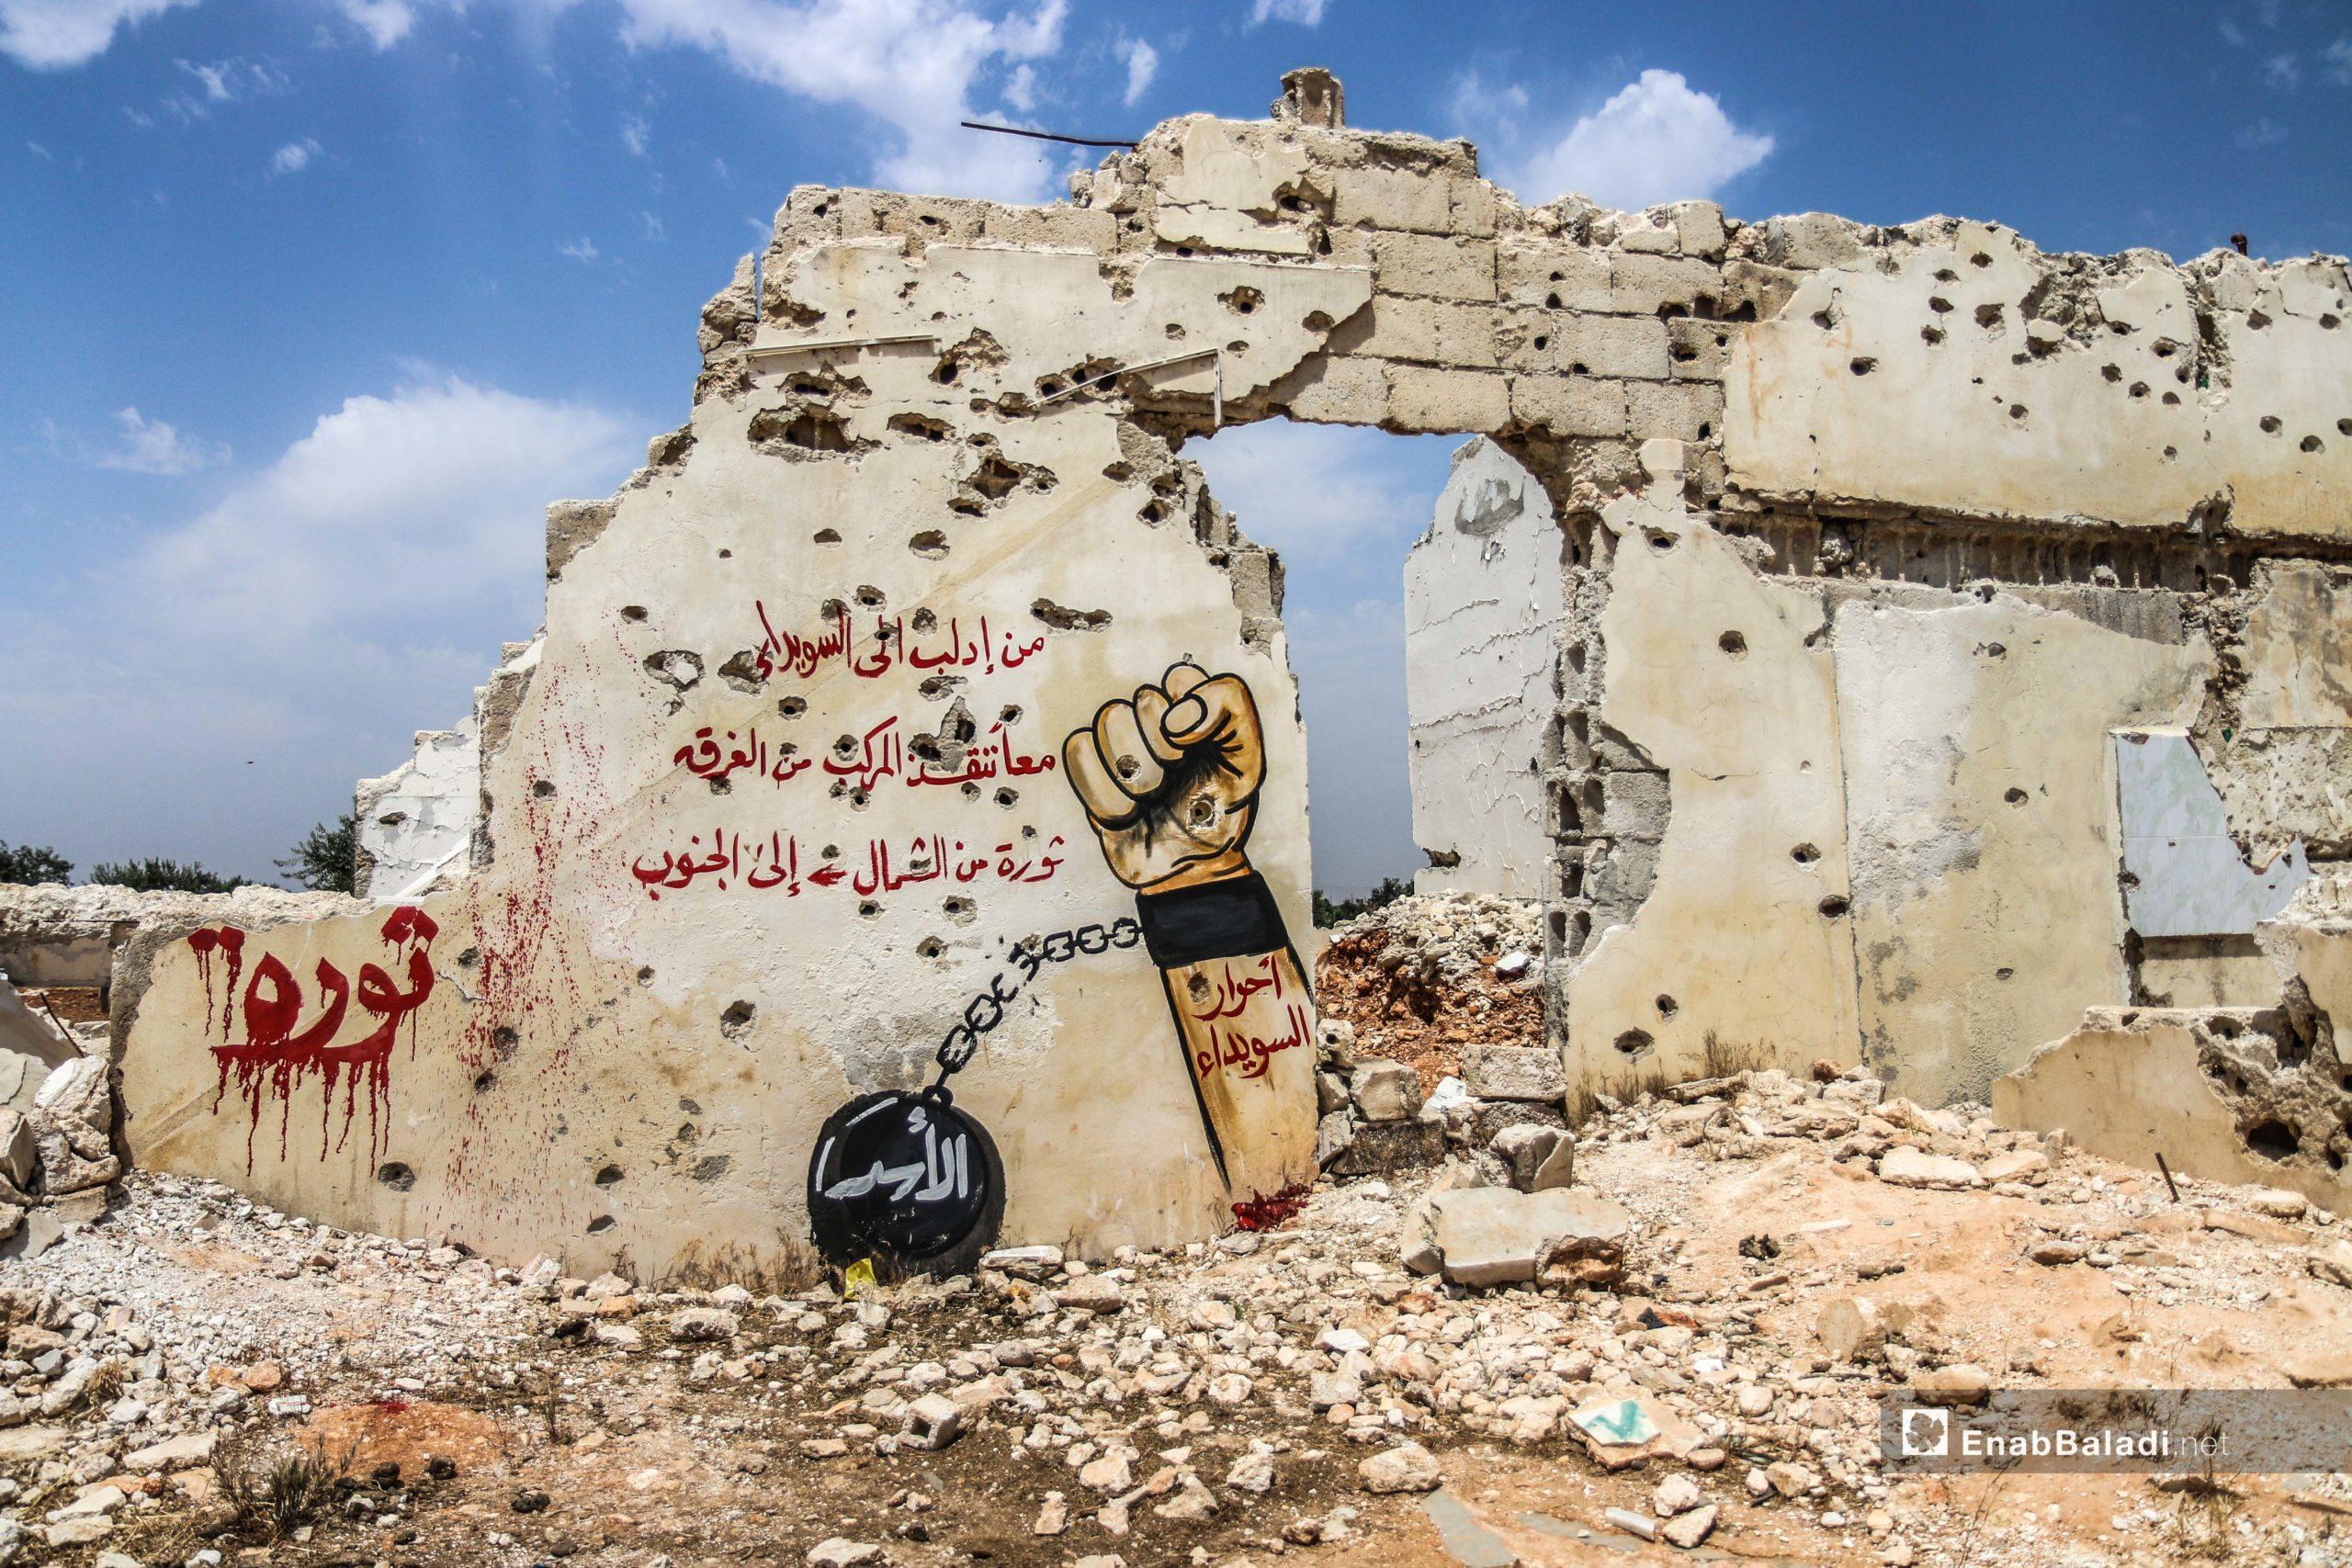 جدارية من إدلب تضامنًا مع المظاهرات الاحتجاجية في السويداء - 8 حزيران 2020 (عنب بلدي/ يوسف غريبي)